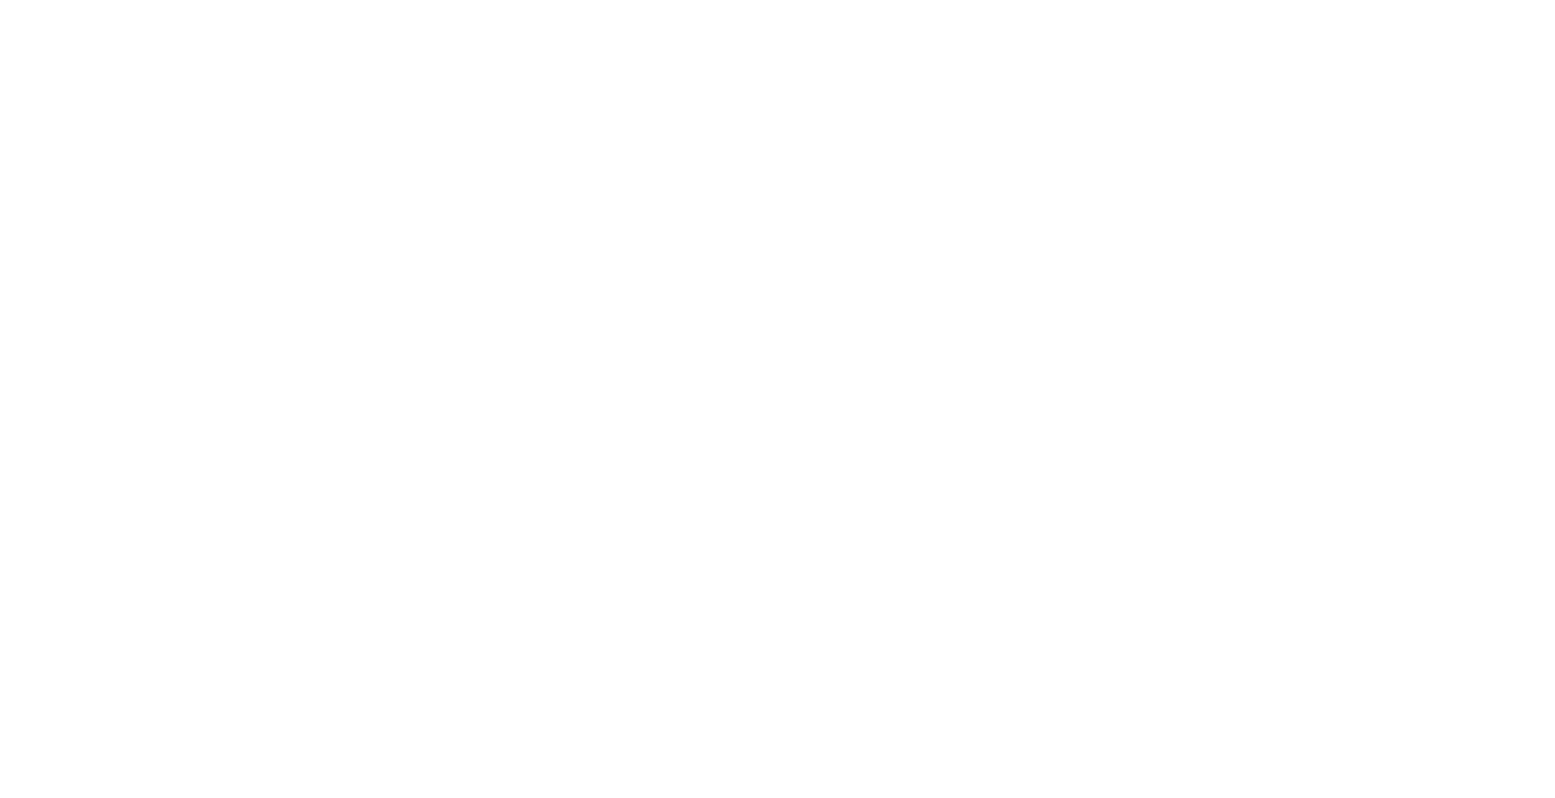 Illustration représentant un morceau de nuage blanc